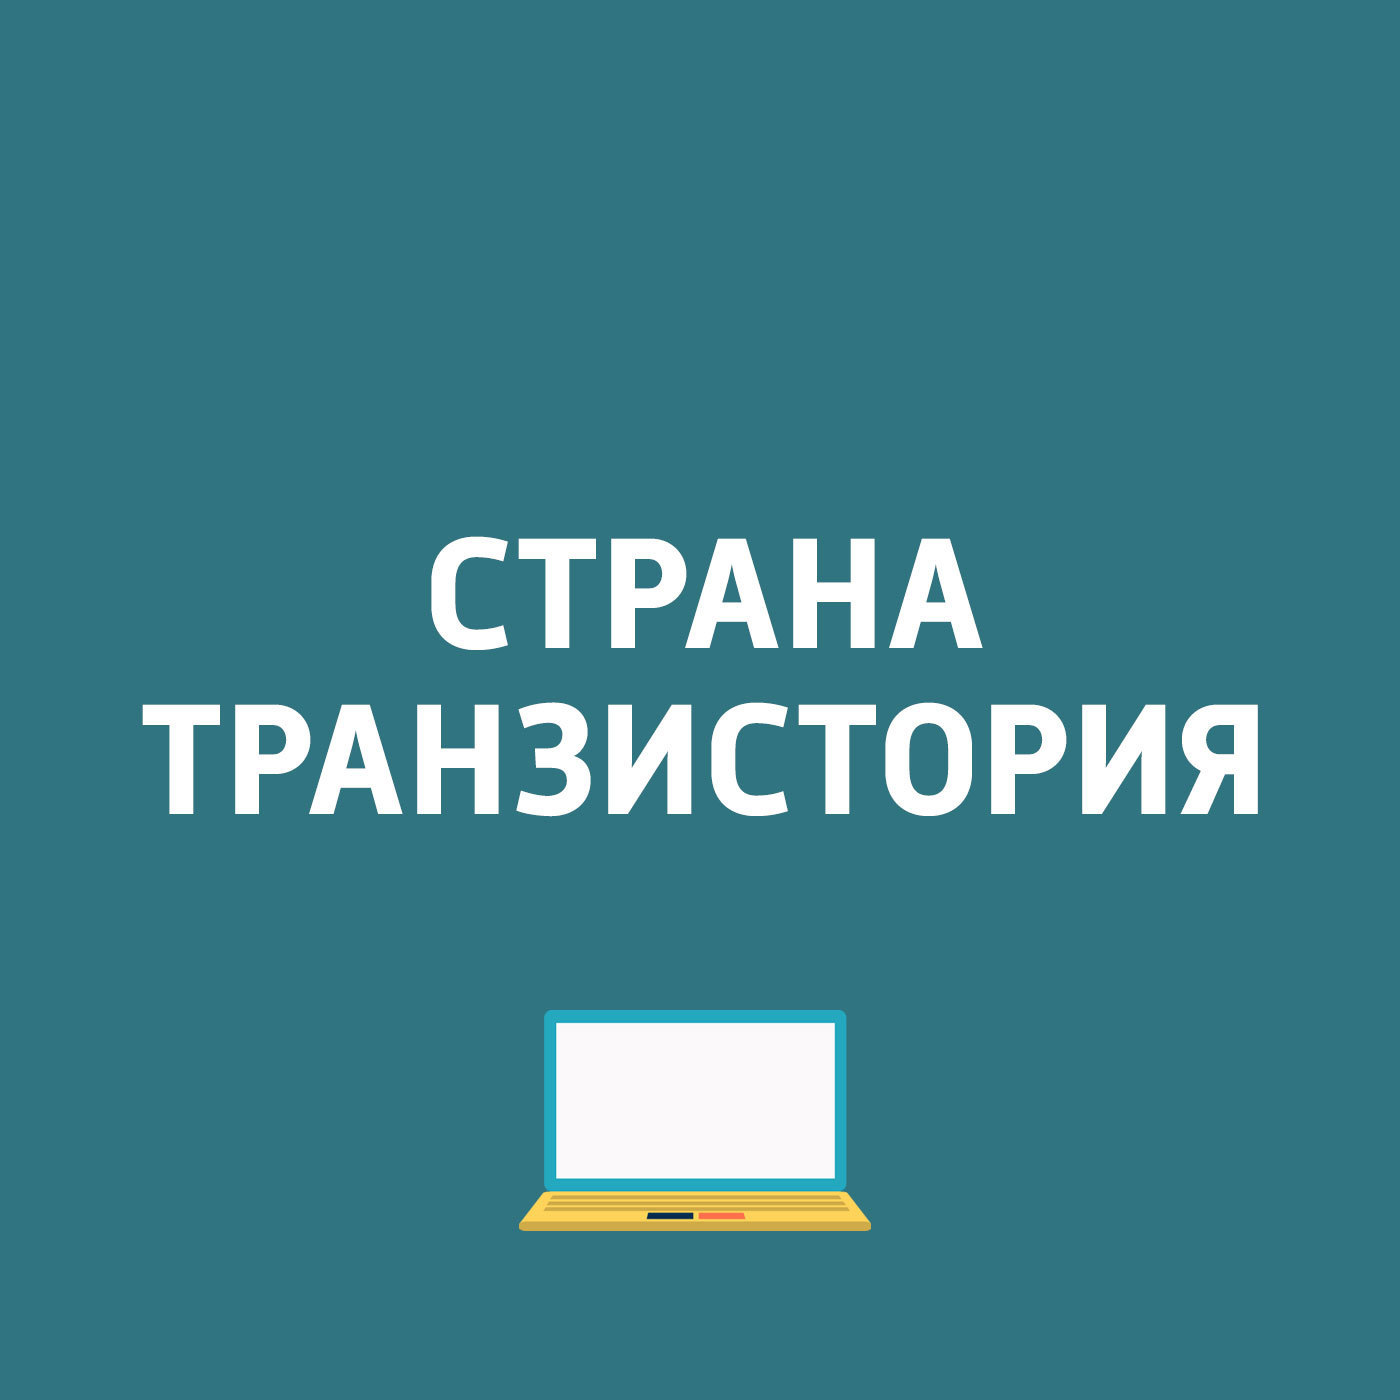 Картаев Павел Sony Xperia XZ Premium; Aerocool - P7-C1... картаев павел huawei matebook x pro и galaxy s9